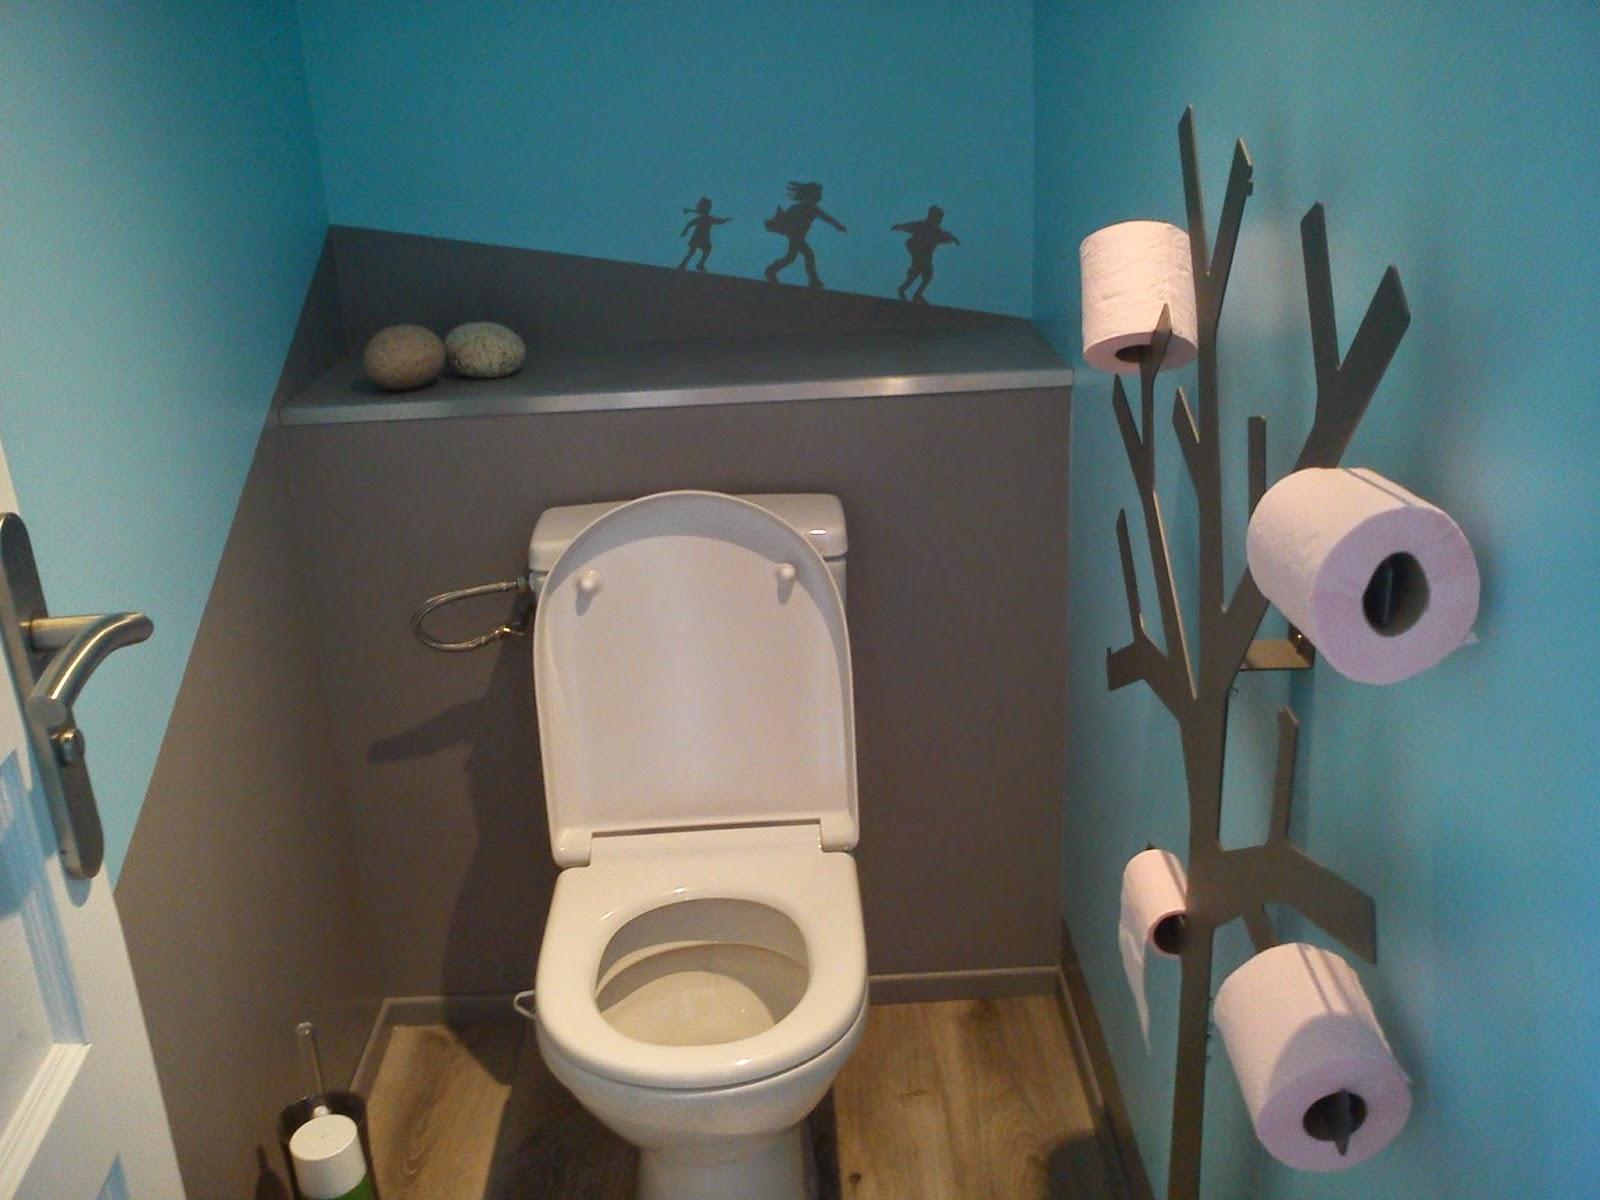 Peindre Les Toilettes | Peinture Toilettes Aide Peinture Des ...